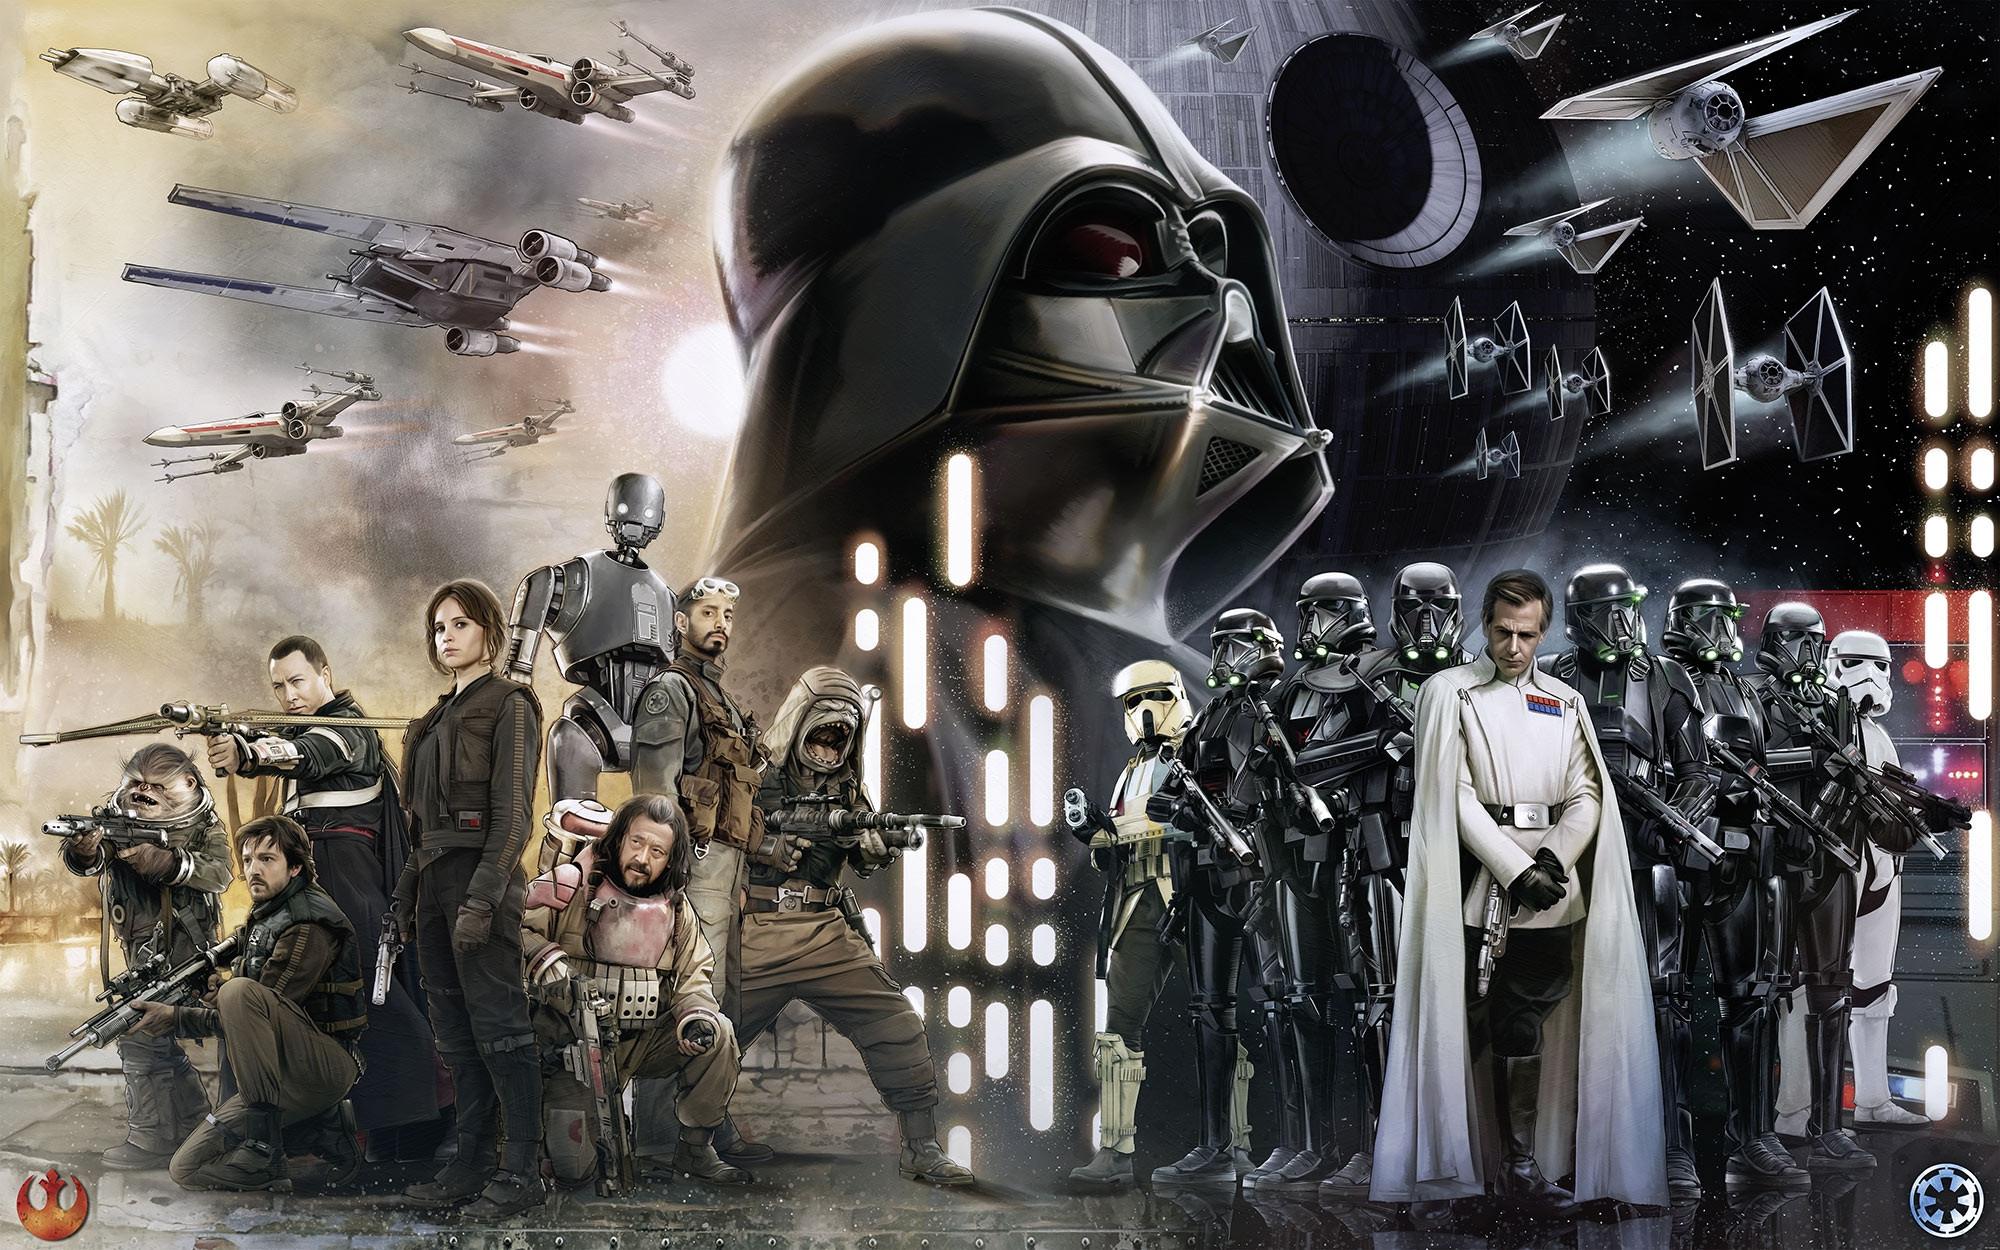 Vliestapete Star Wars Collage 028 Dvd4 Von Komar Star Wars